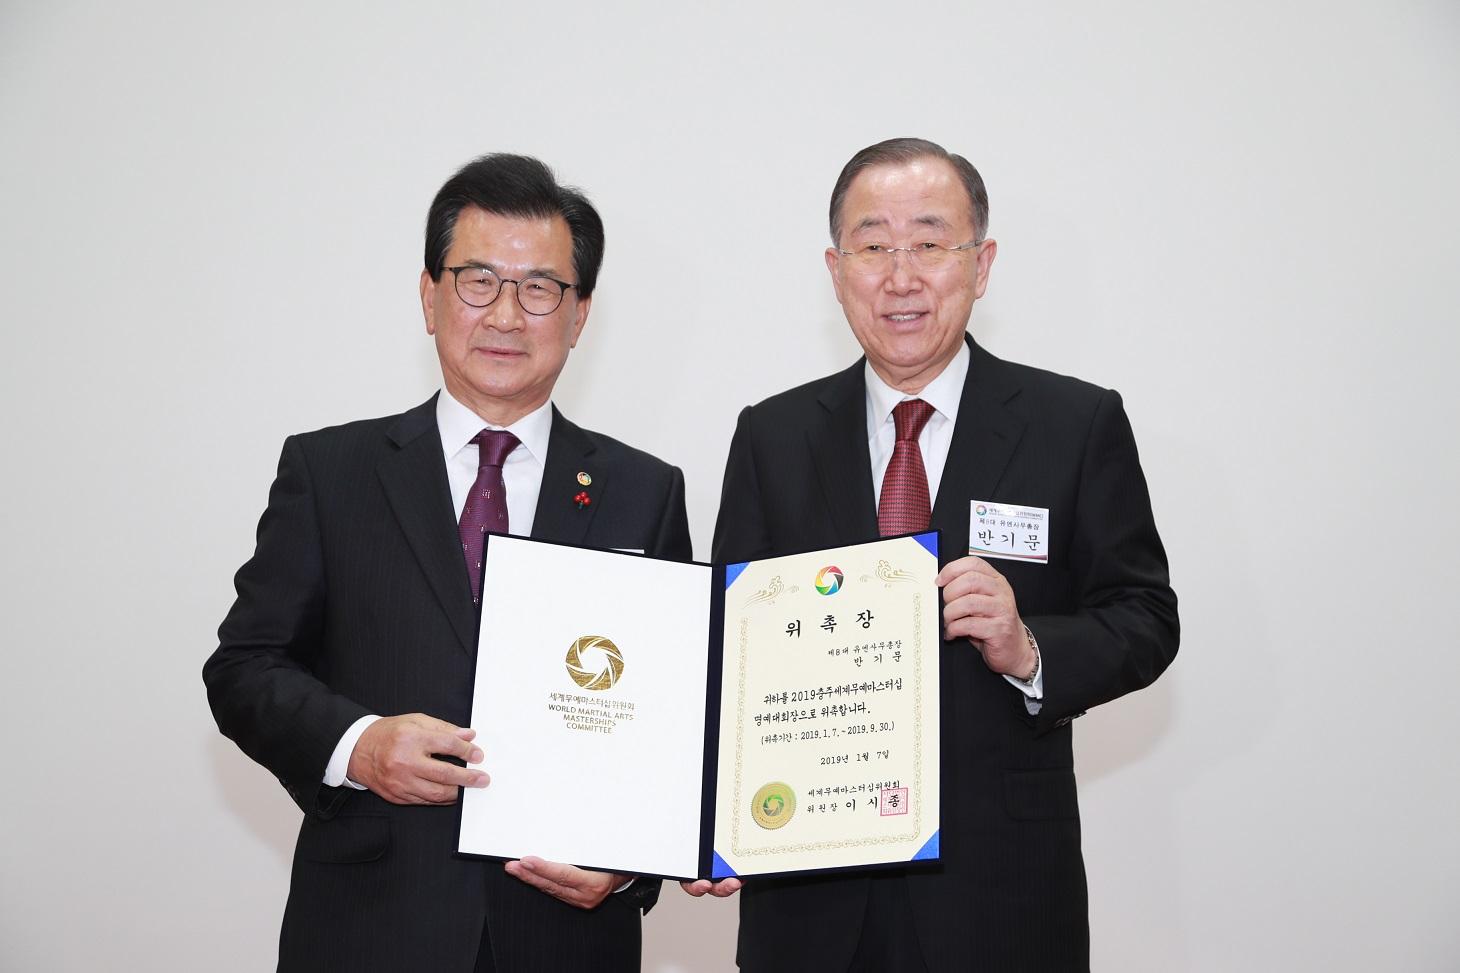 2019충주세계무예마스터십 반기문 명예대회장 위촉